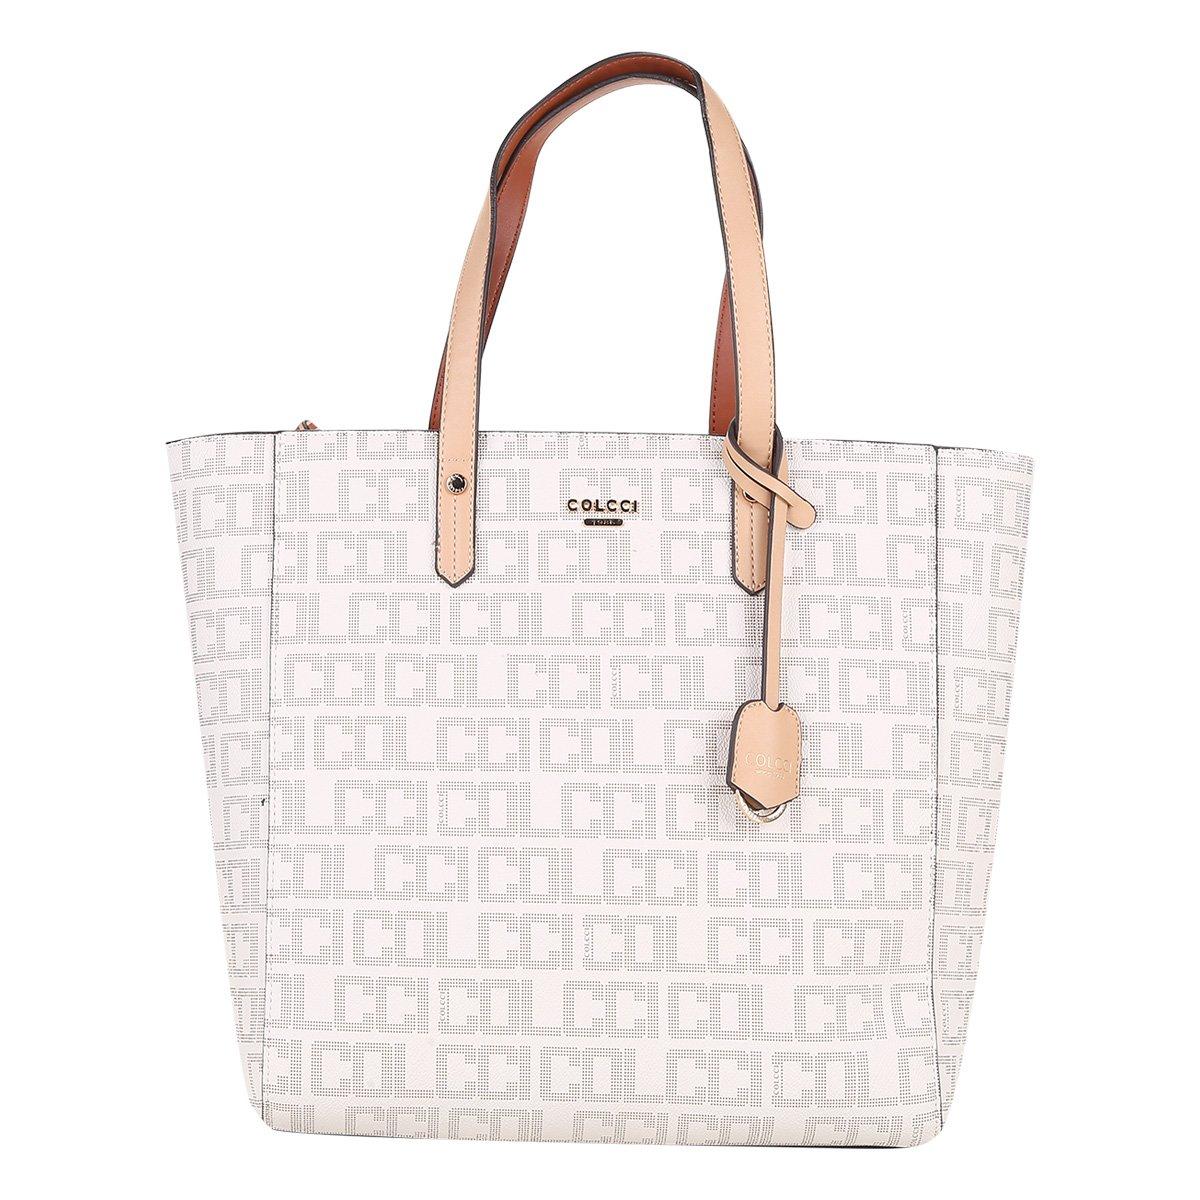 4e7c5541a Bolsa Colcci Shopper Logomania Feminina | Livelo -Sua Vida com Mais ...